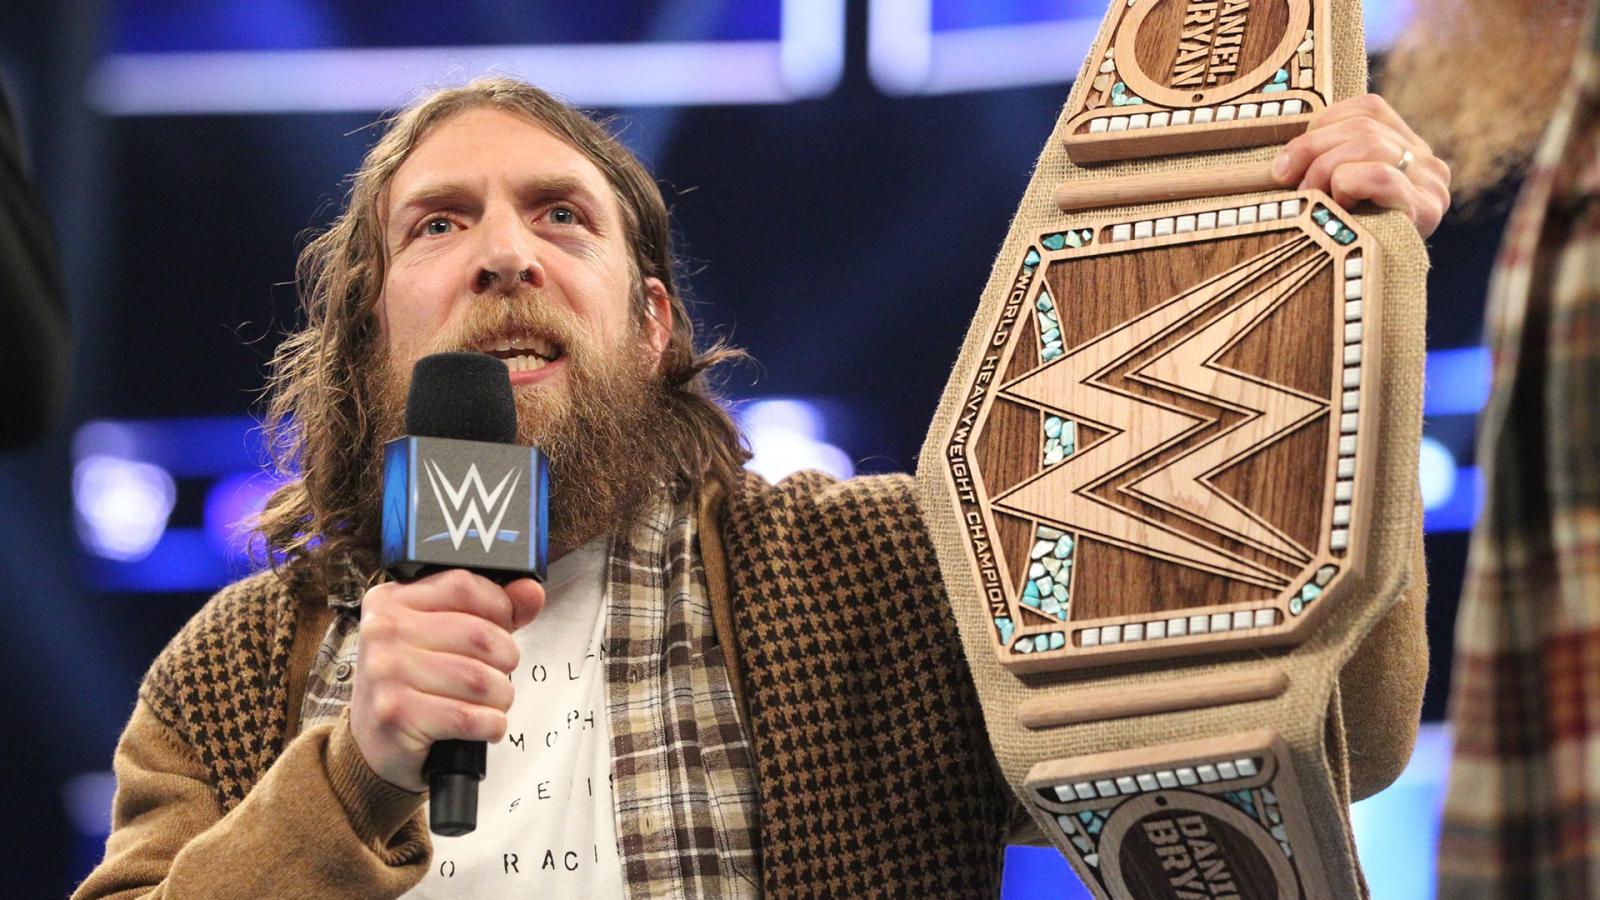 Wrestling, WWE, AEW, Daniel Bryan, CM Punk